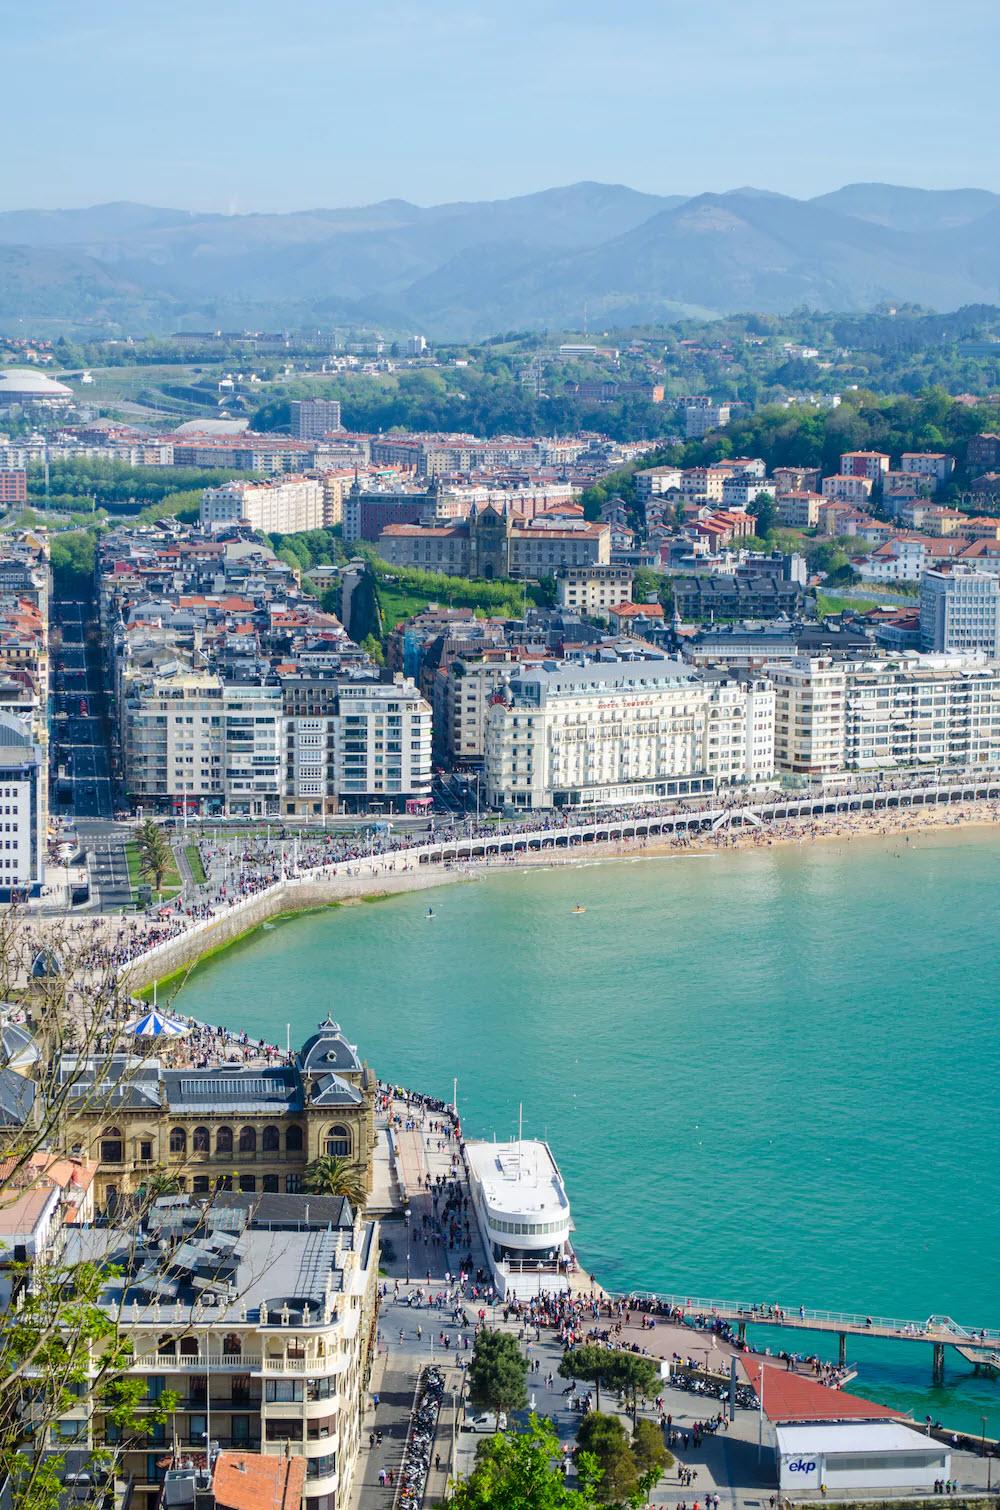 Den vierten Platz schnappt sich der europäische Strand La Concha Beach in Spanien.